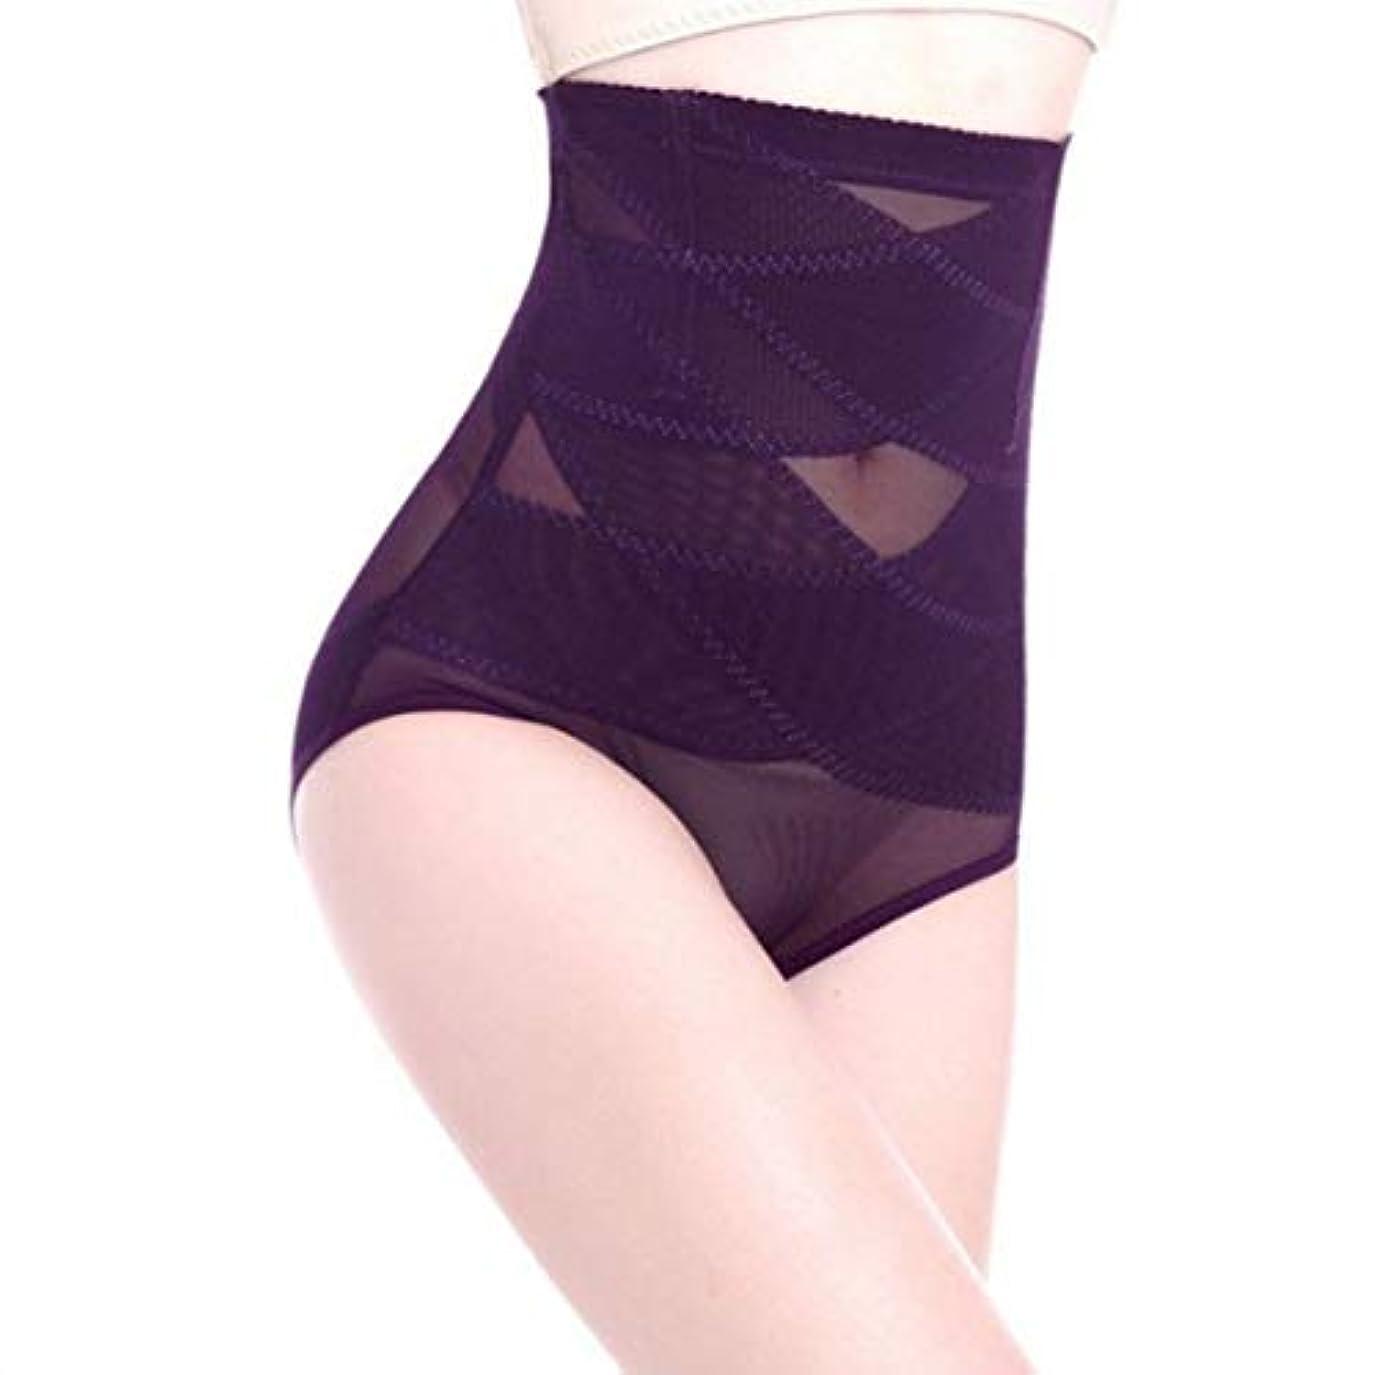 会計士コックアルプス通気性のあるハイウエスト女性痩身腹部コントロール下着シームレスおなかコントロールパンティーバットリフターボディシェイパー - パープル3 XL